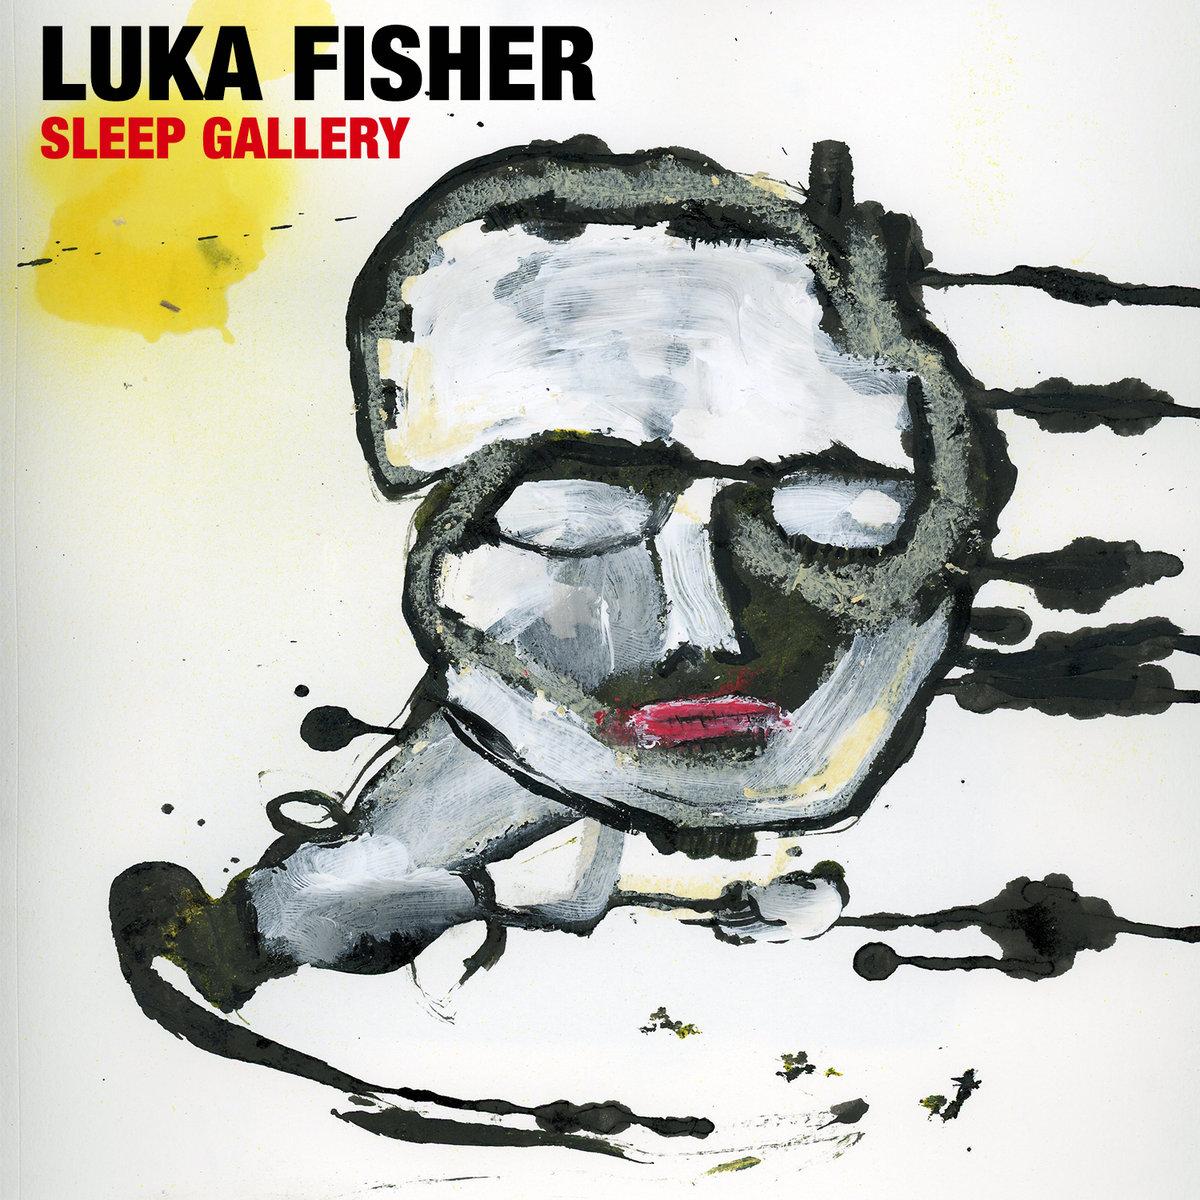 Luka Fisher – Sleep Gallery